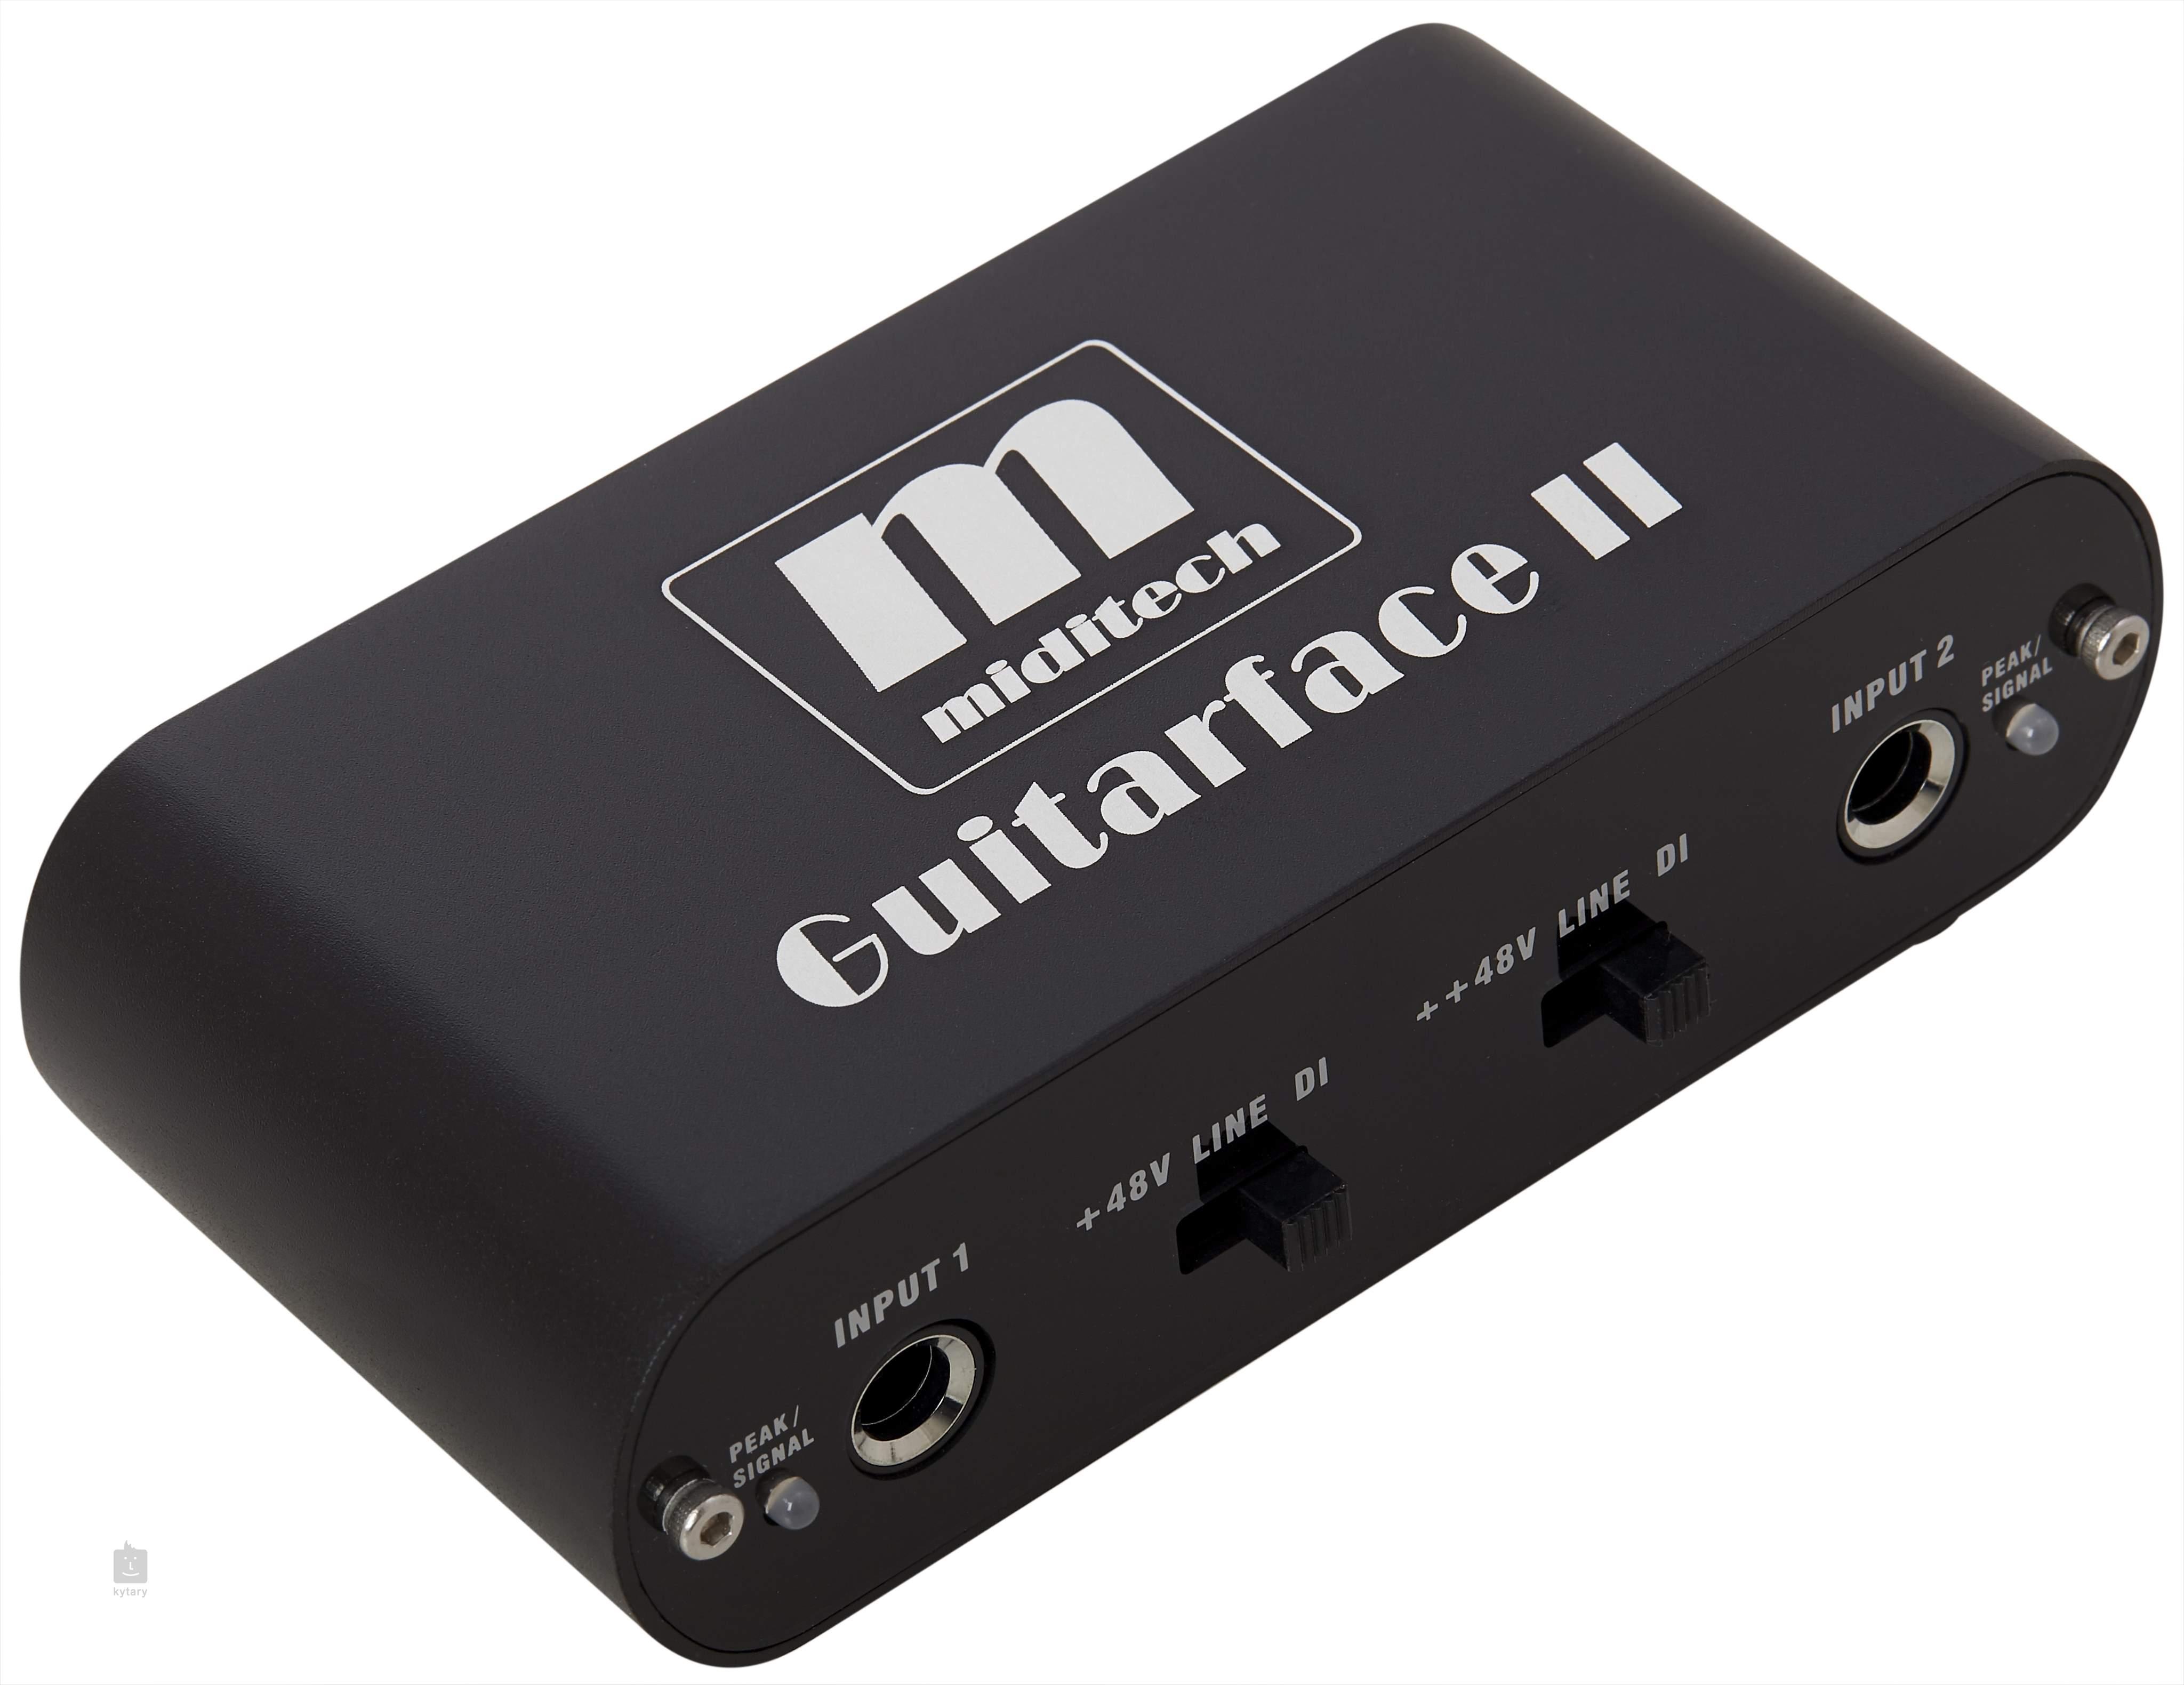 ghdonat.com GuitarFace II Computer Recording Recording Equipment